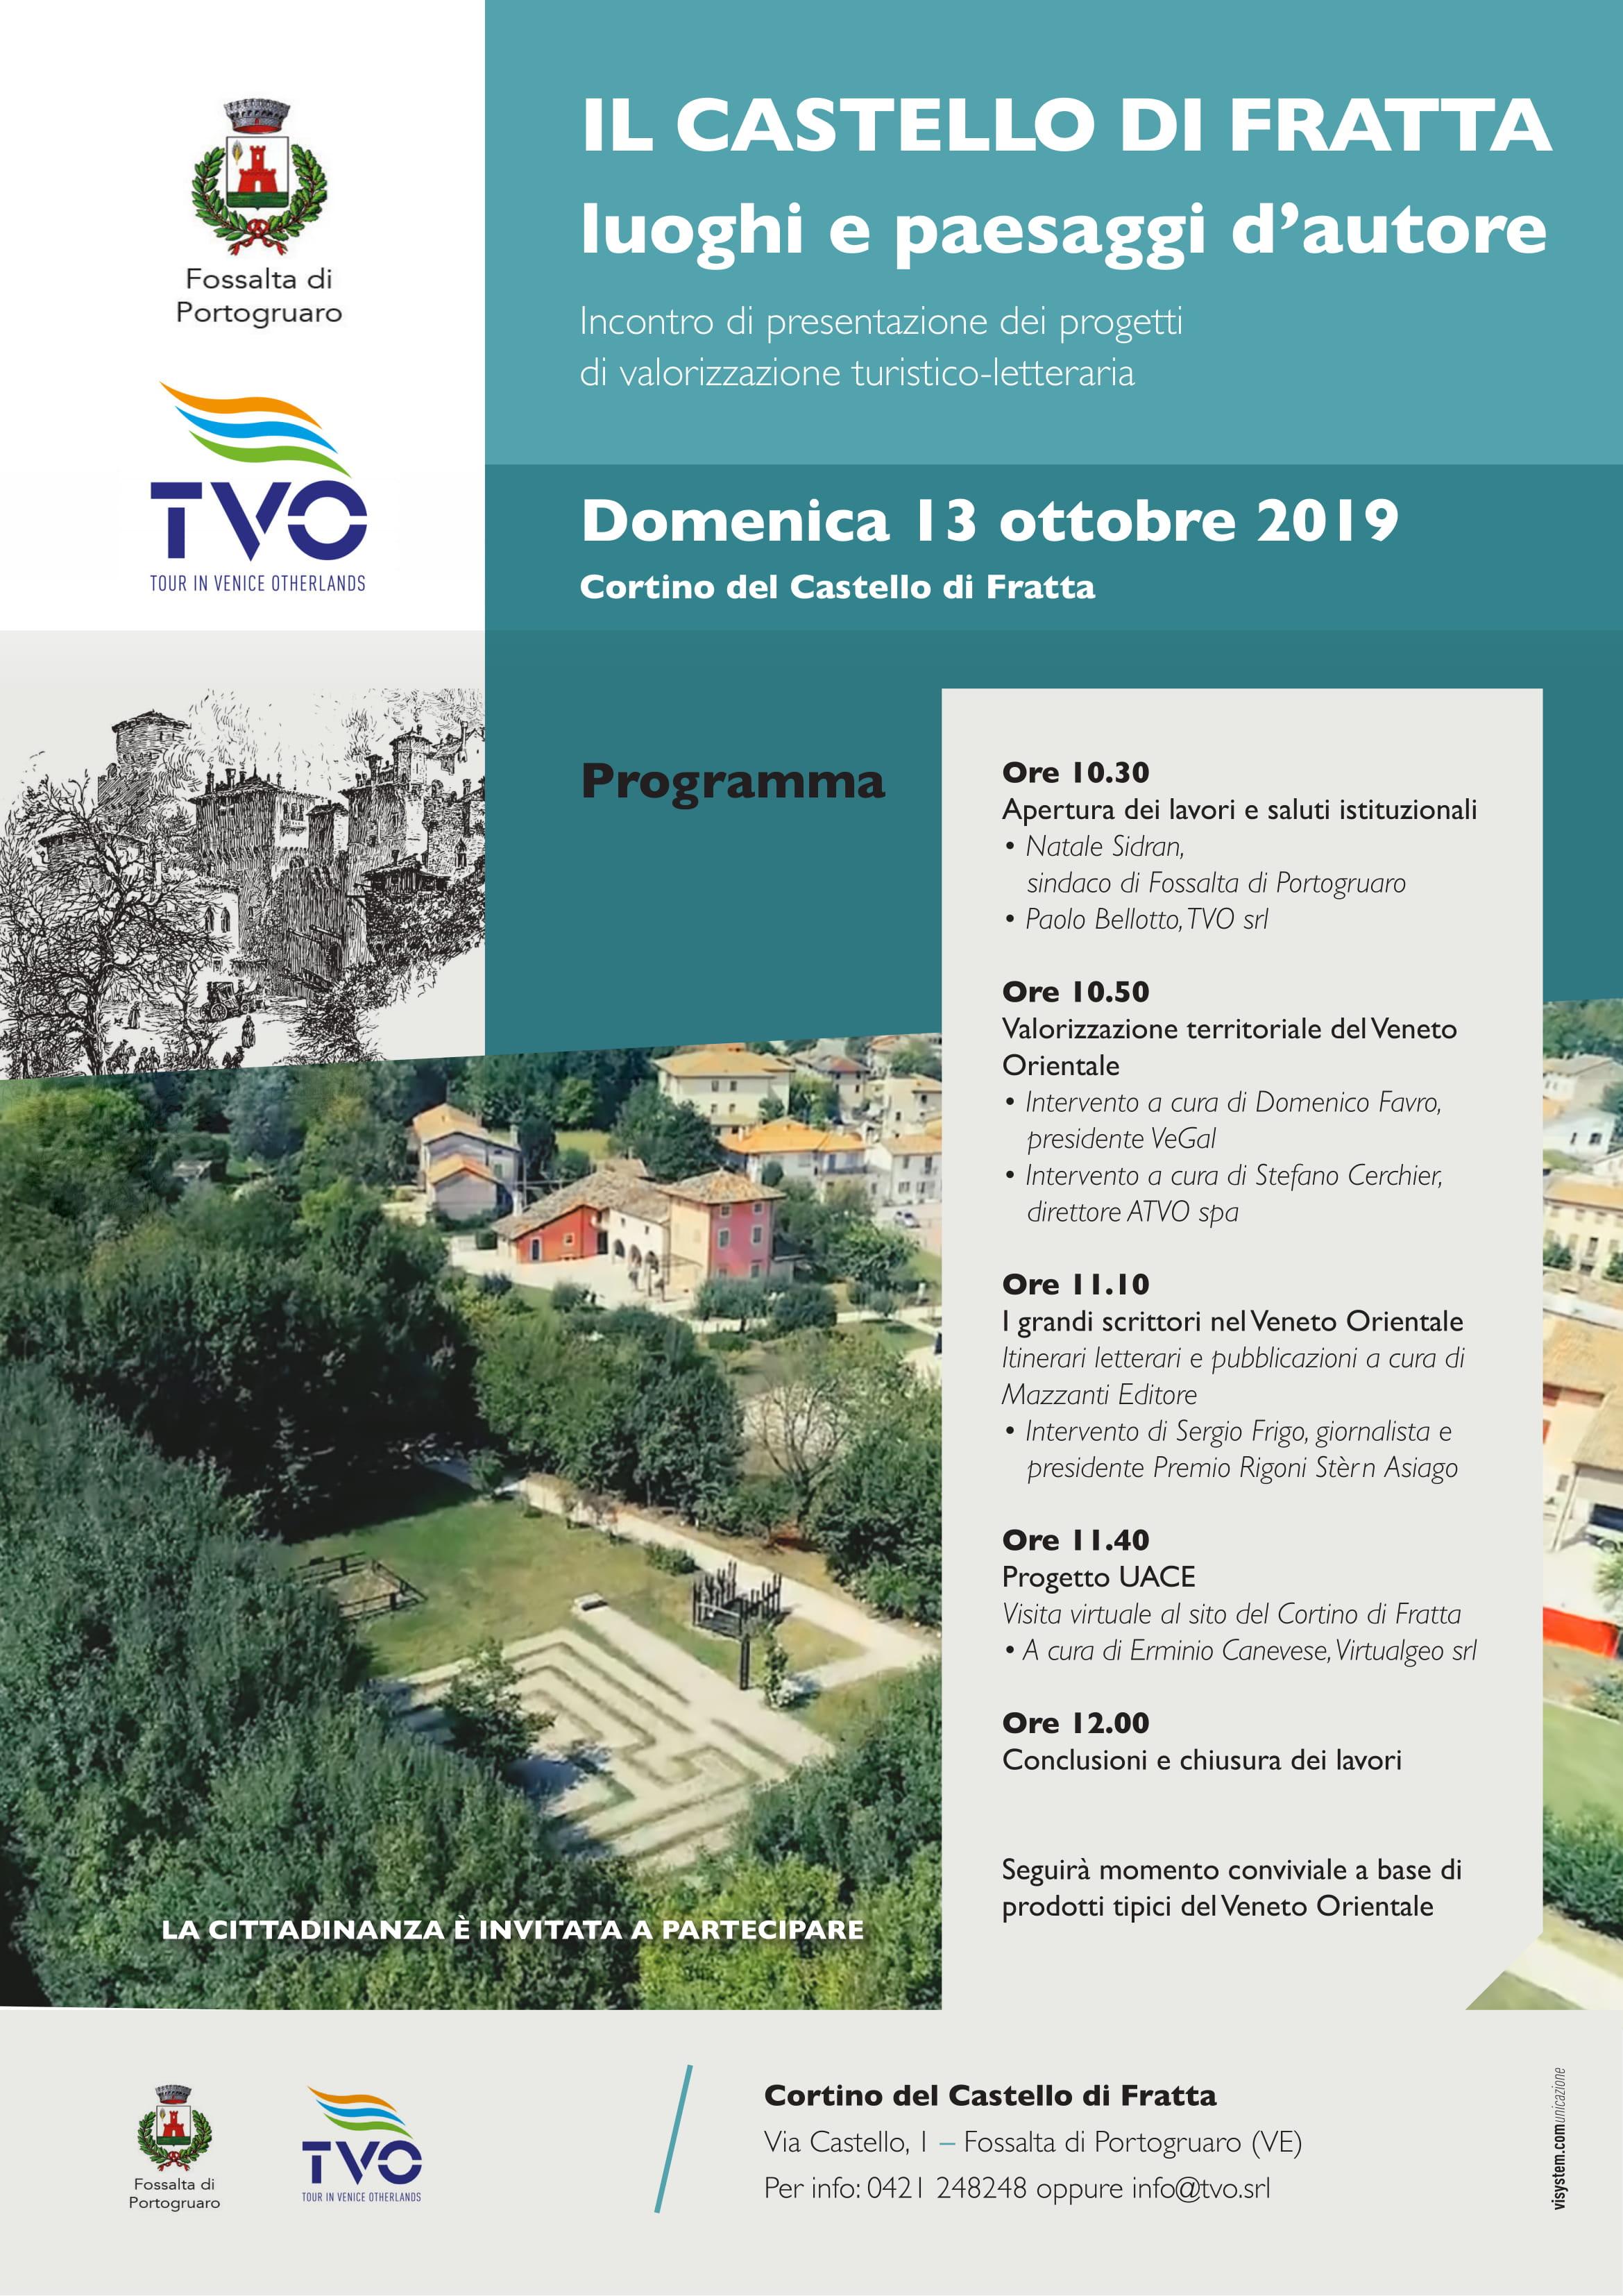 Nuove iniziative di valorizzazione turistica del Veneto Orientale al Cortino di Fratta